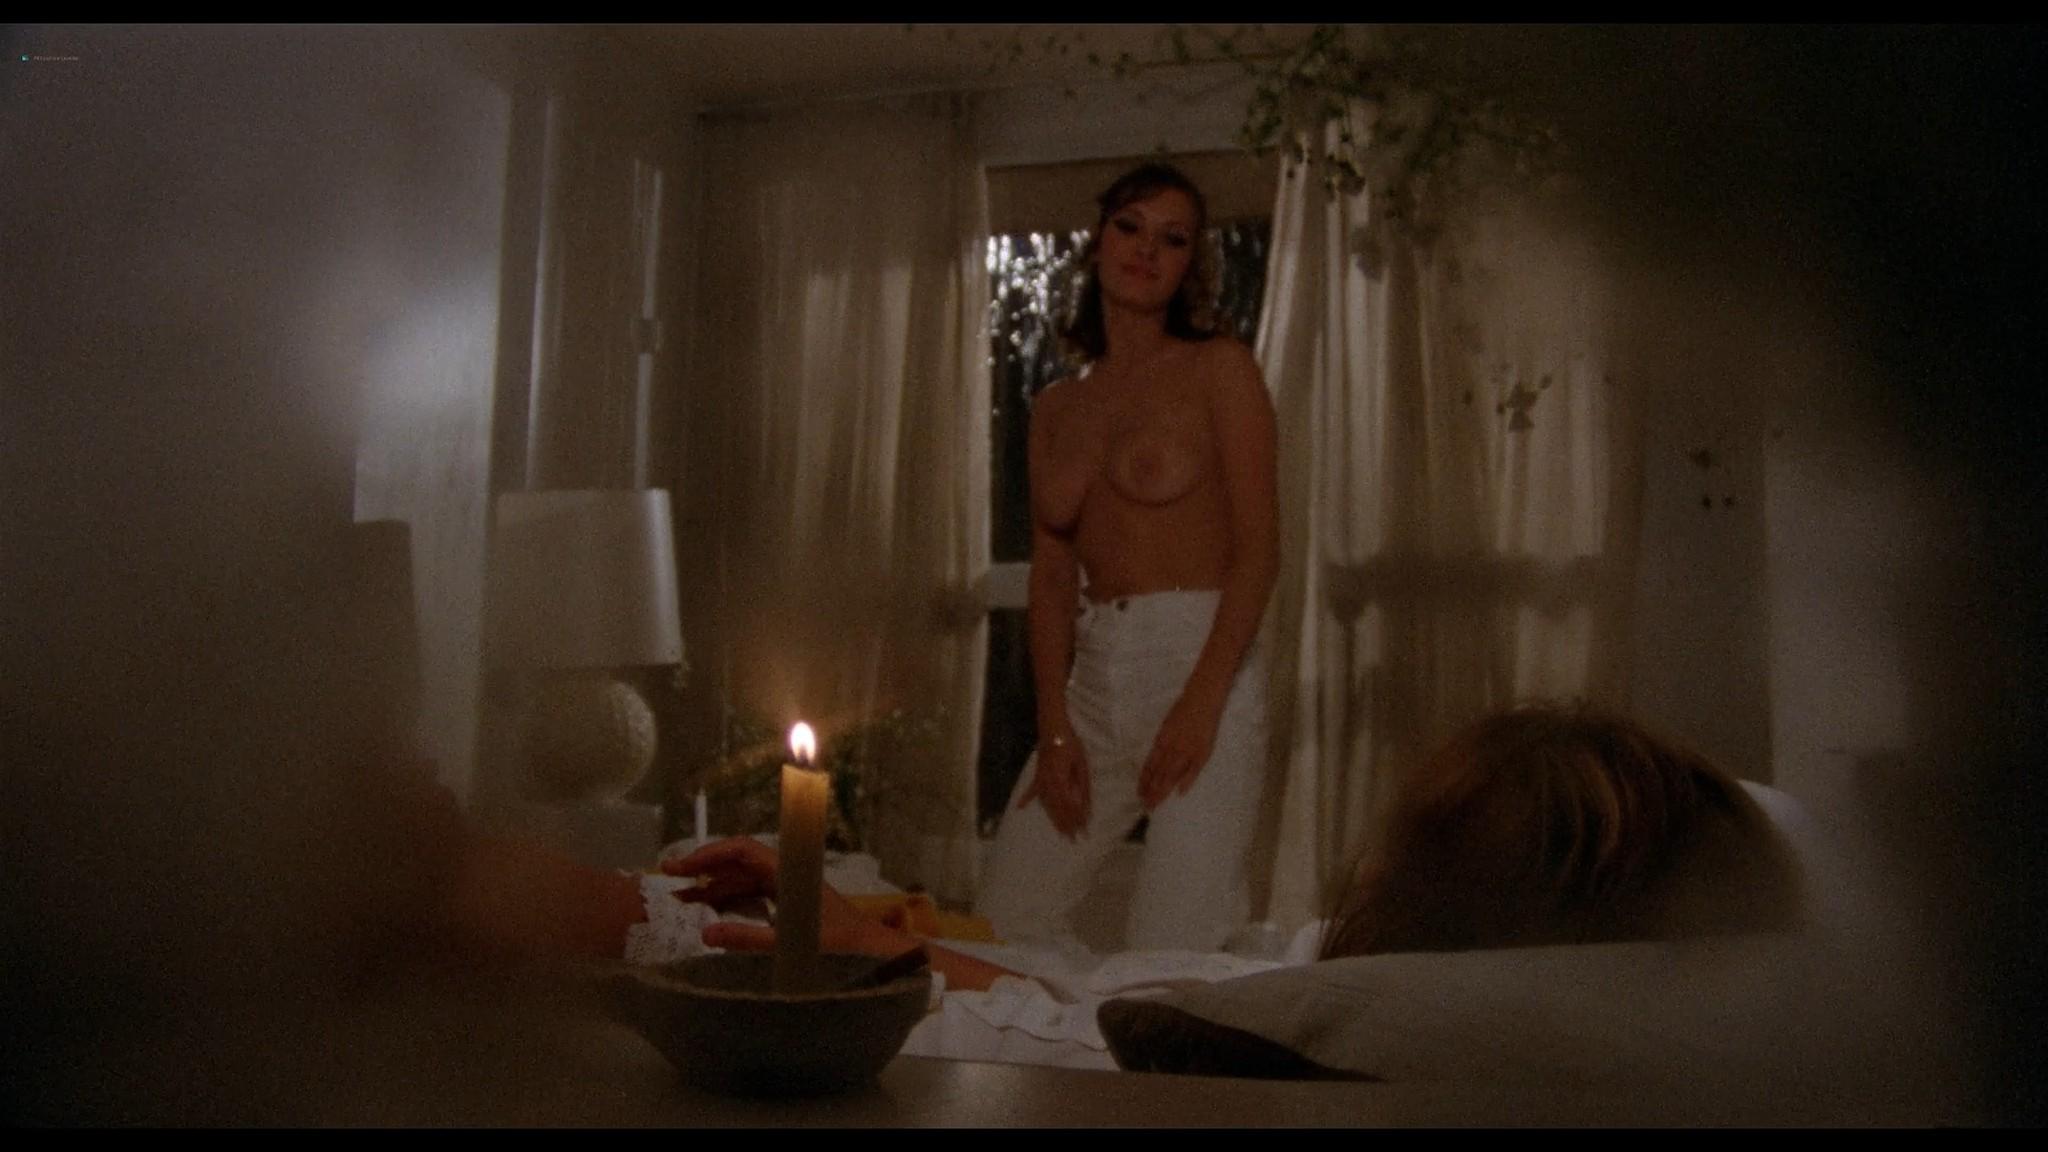 Dalila Di Lazzaro nude full frontal Vanessa Vitale nude – La ragazza dal pigiama giallo IT 1977 1080p BluRay REMUX